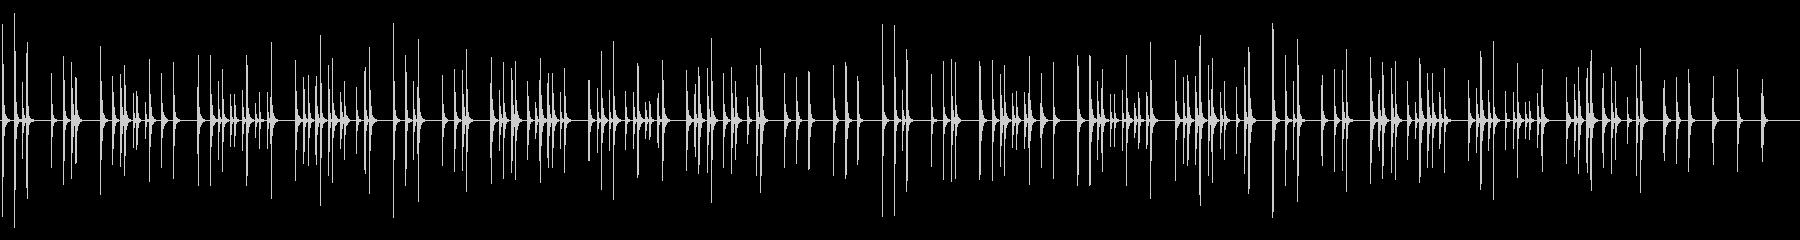 春よ来い 卓上木琴の未再生の波形